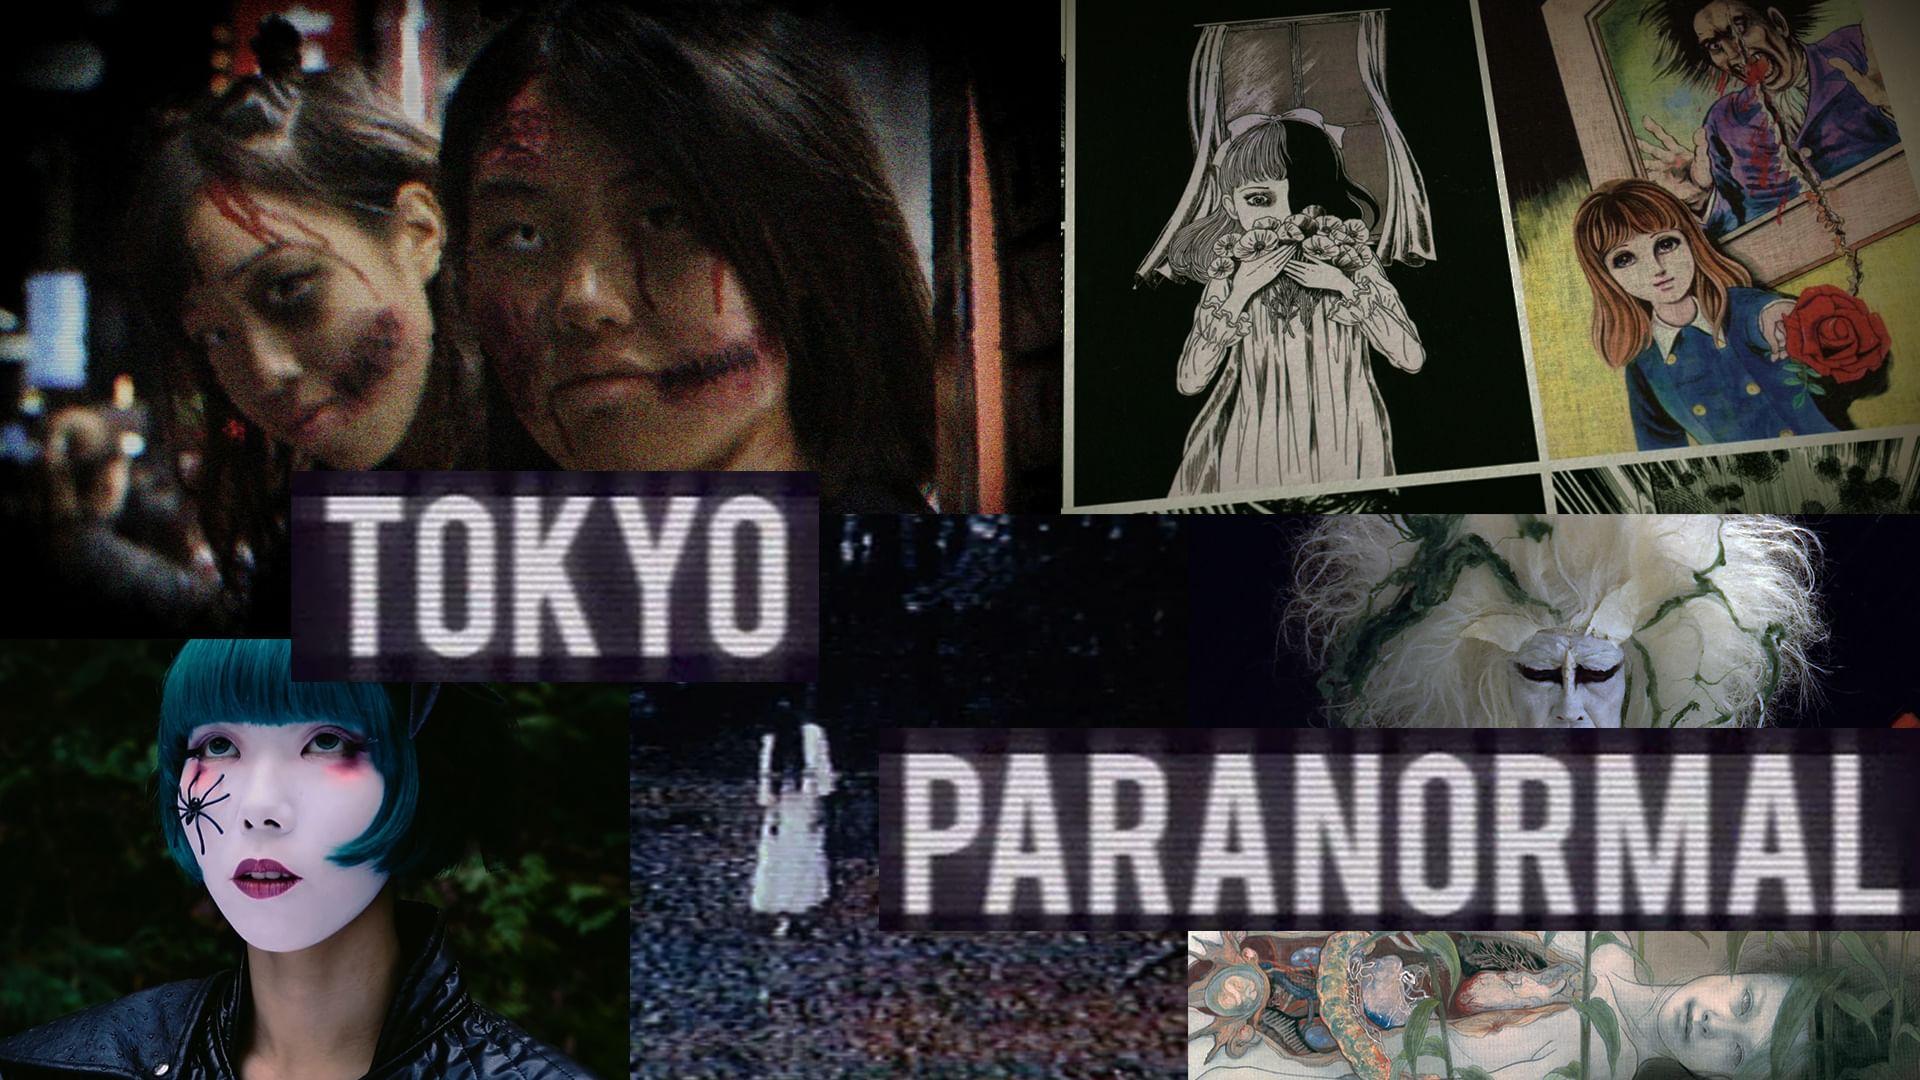 Tokyo Paranormal